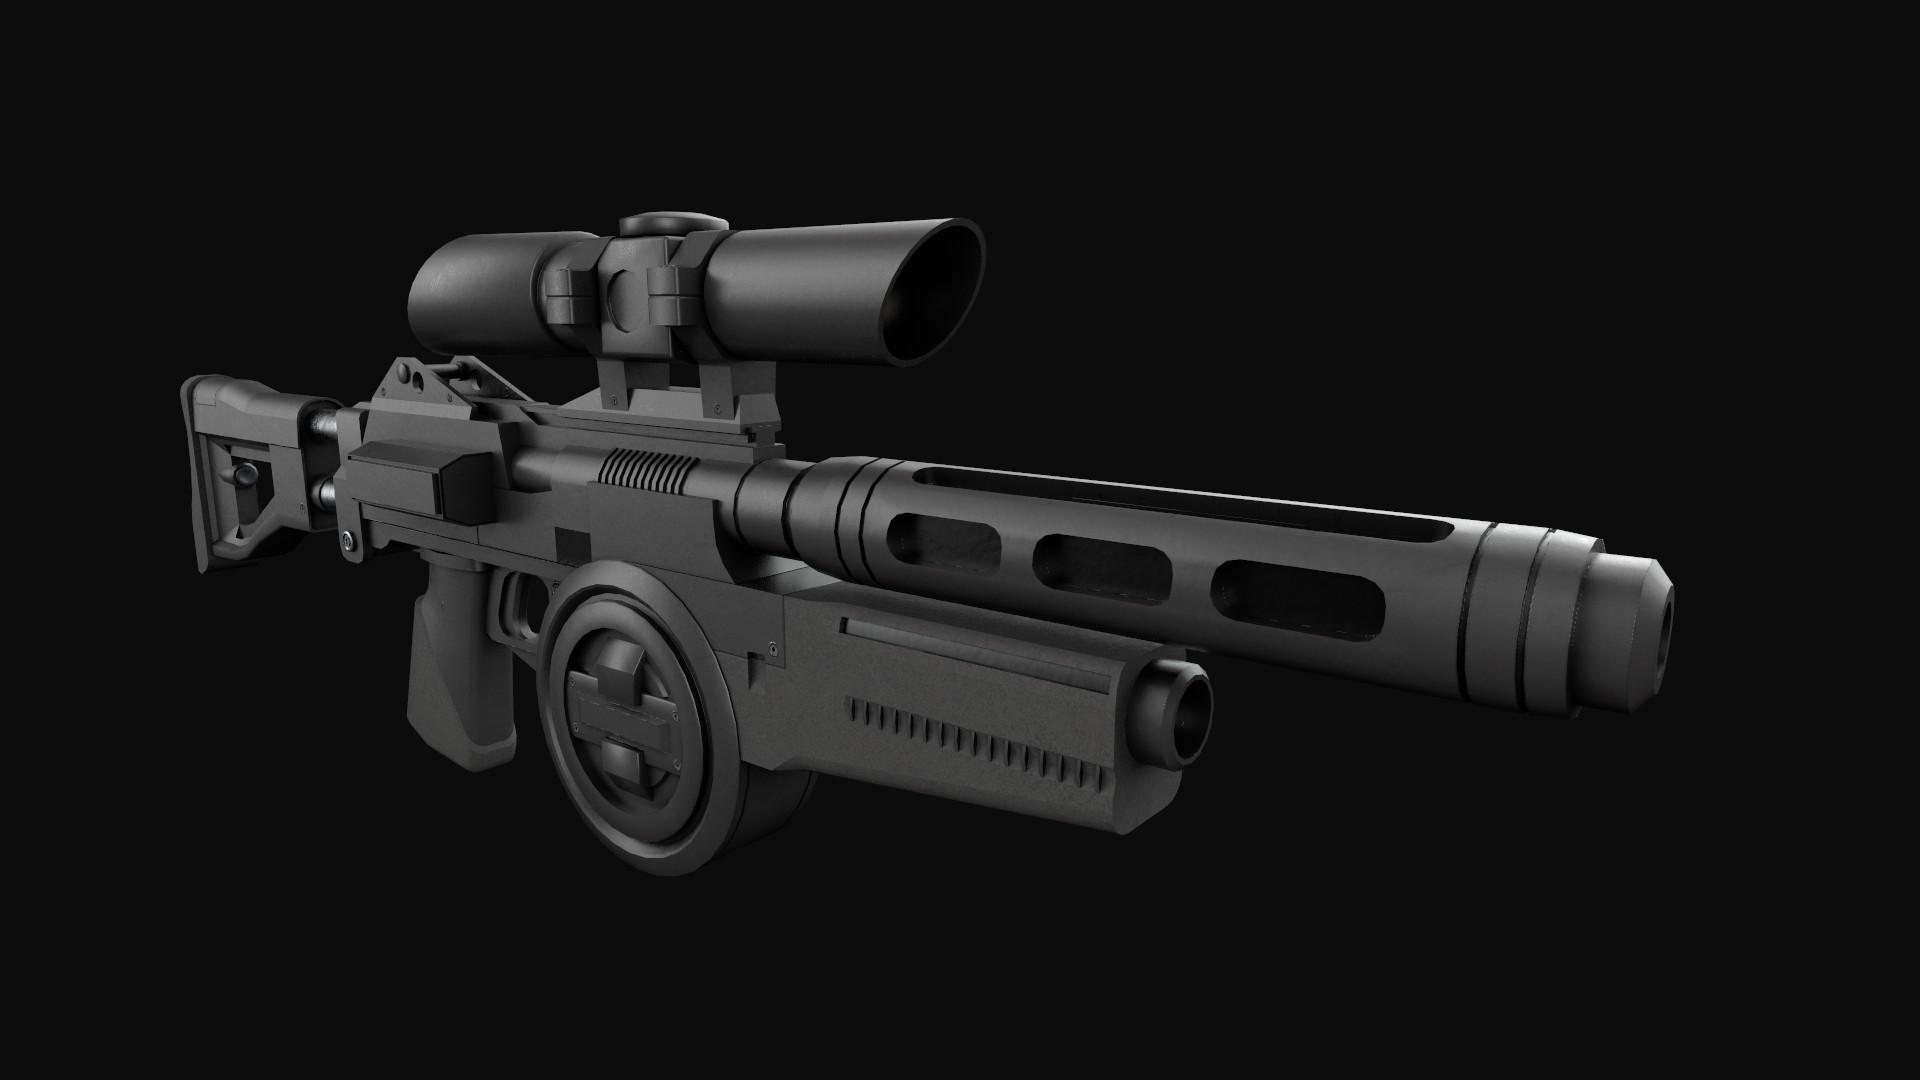 westar_m5_rifle_1.jpg